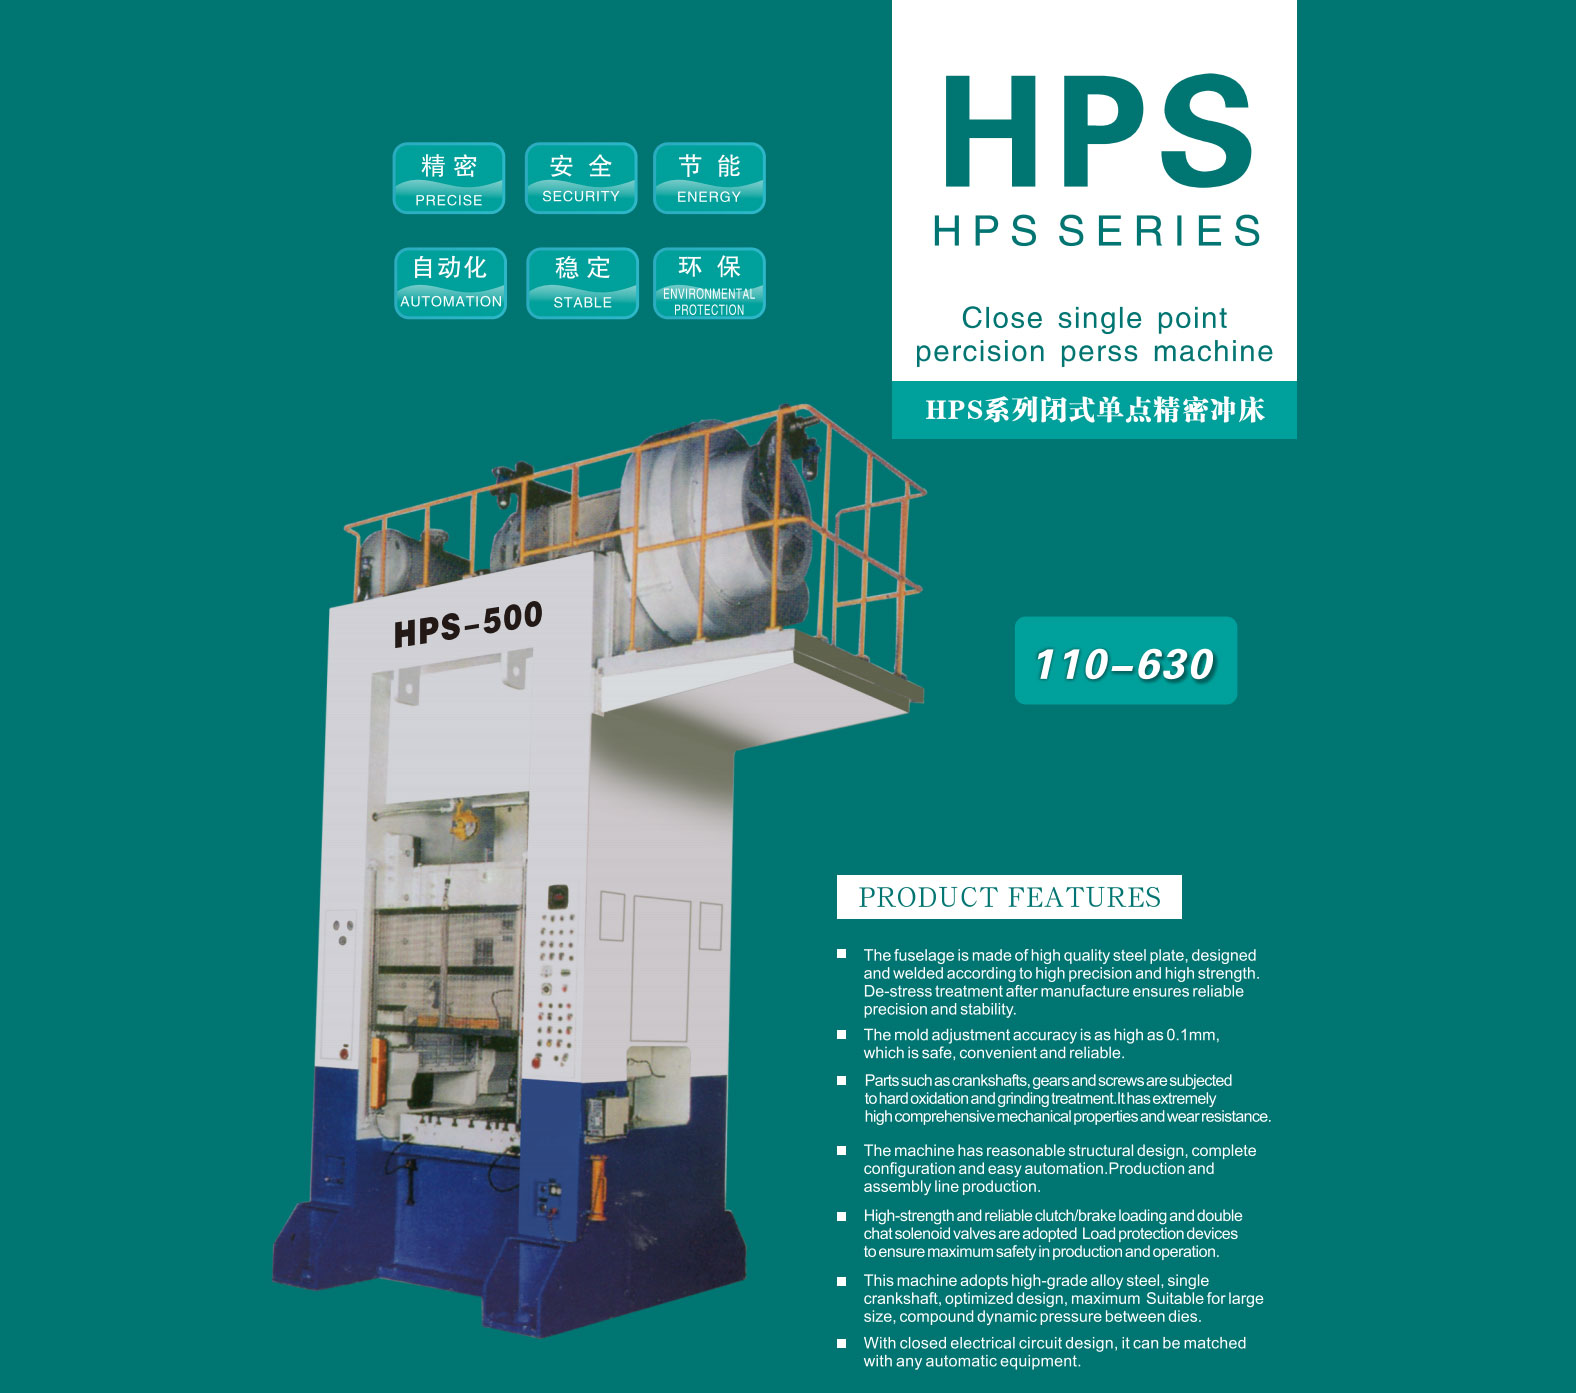 HPS-500